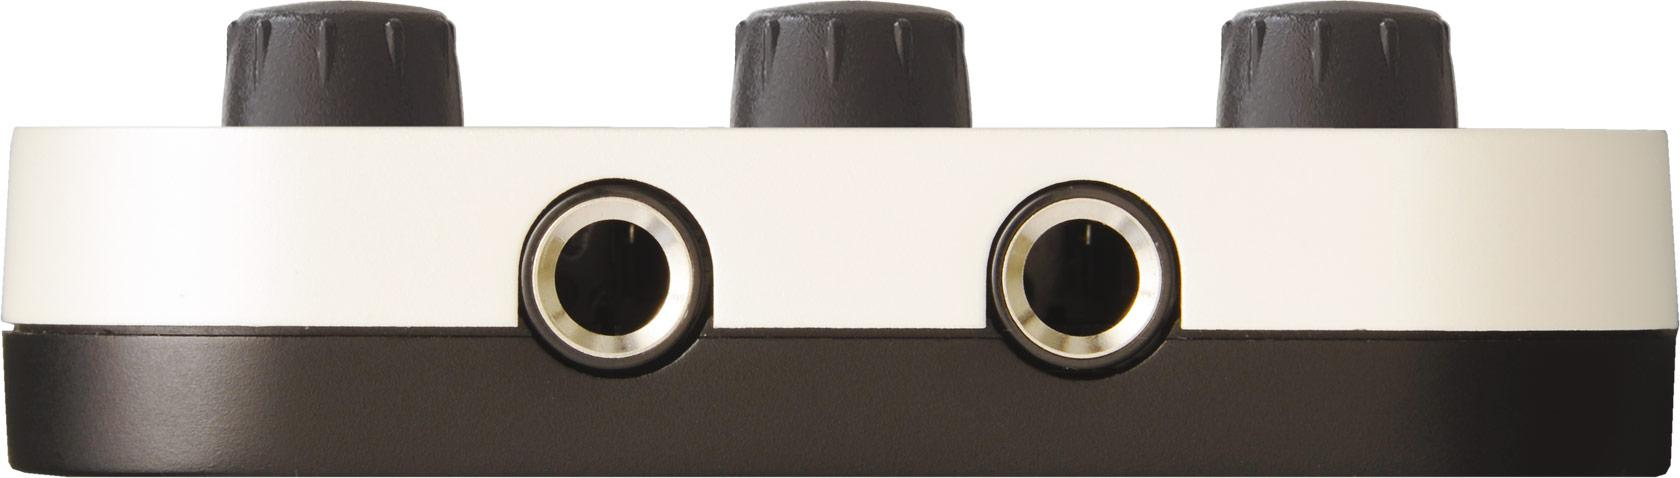 GO:Mixer für Smartphones